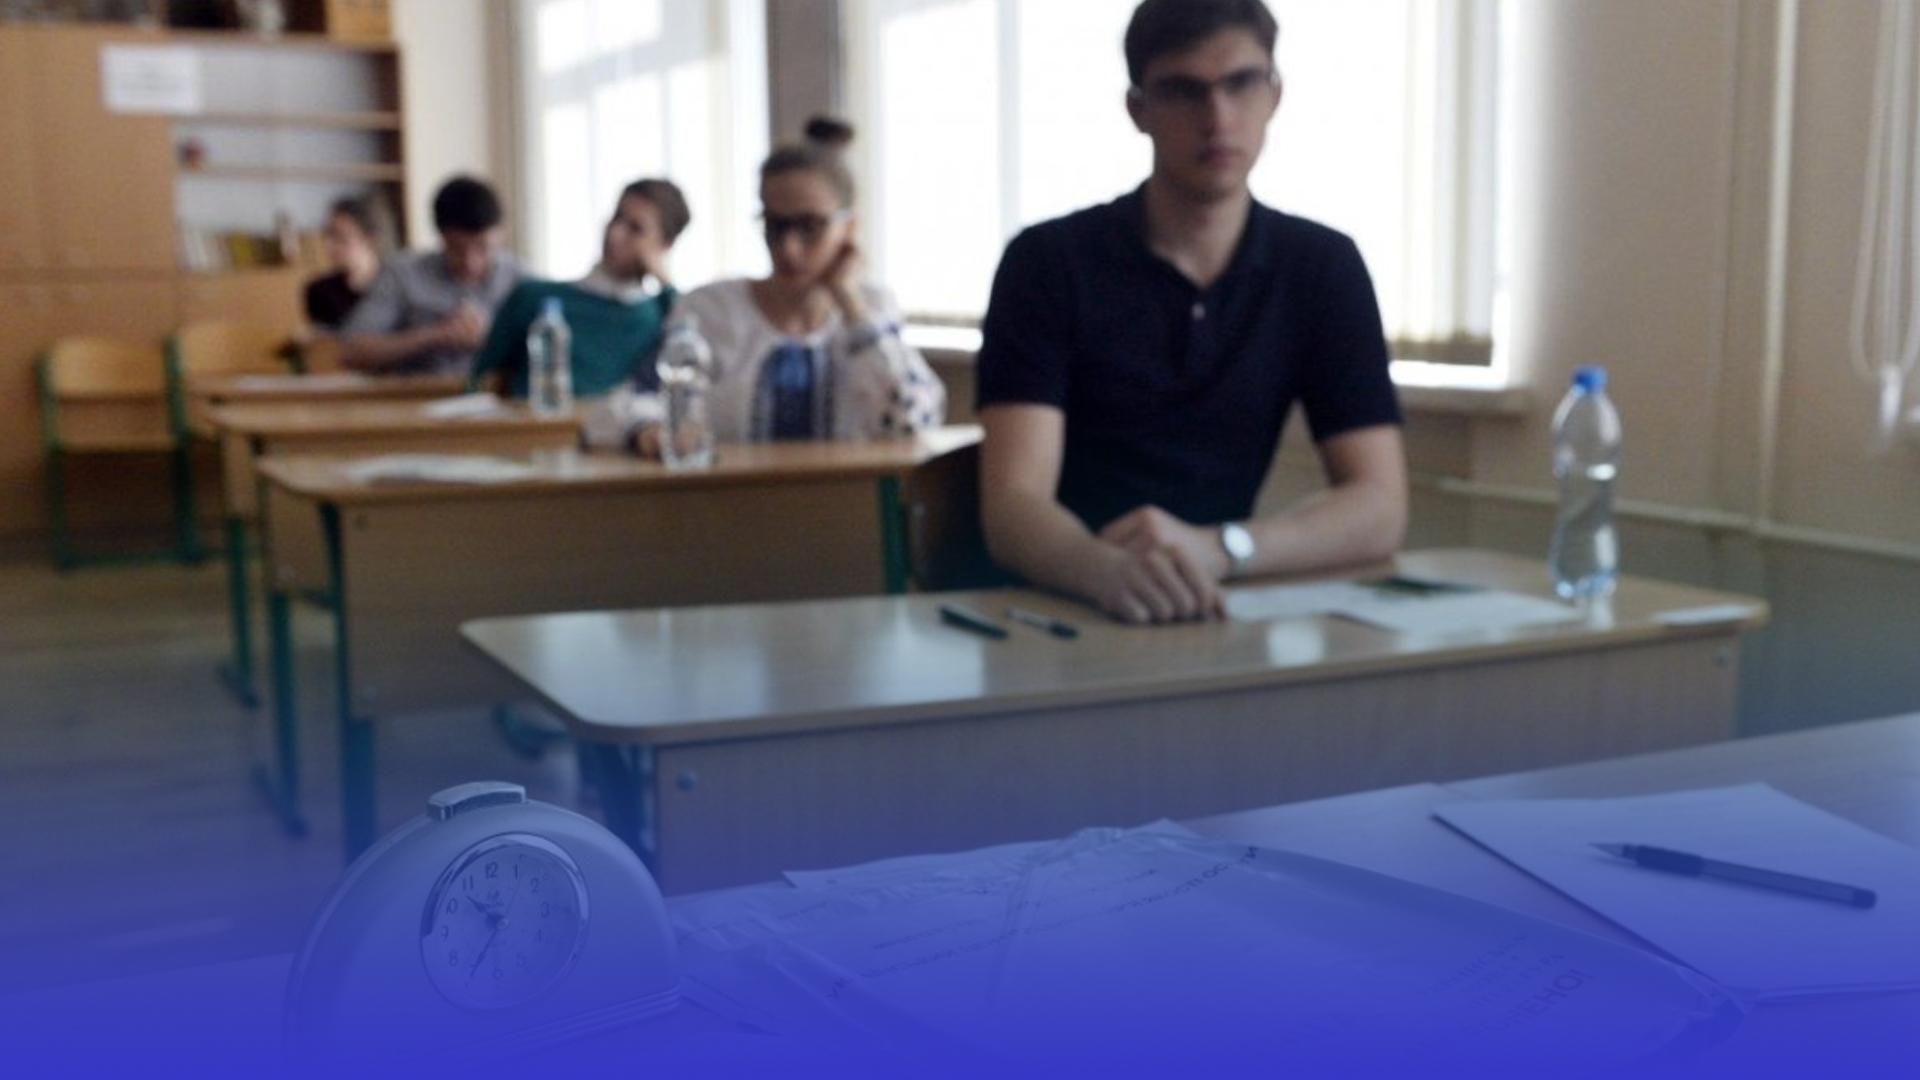 Шпаргалки і телефони: під час ЗНО з української мови та літератури у Тернополі порушували правила